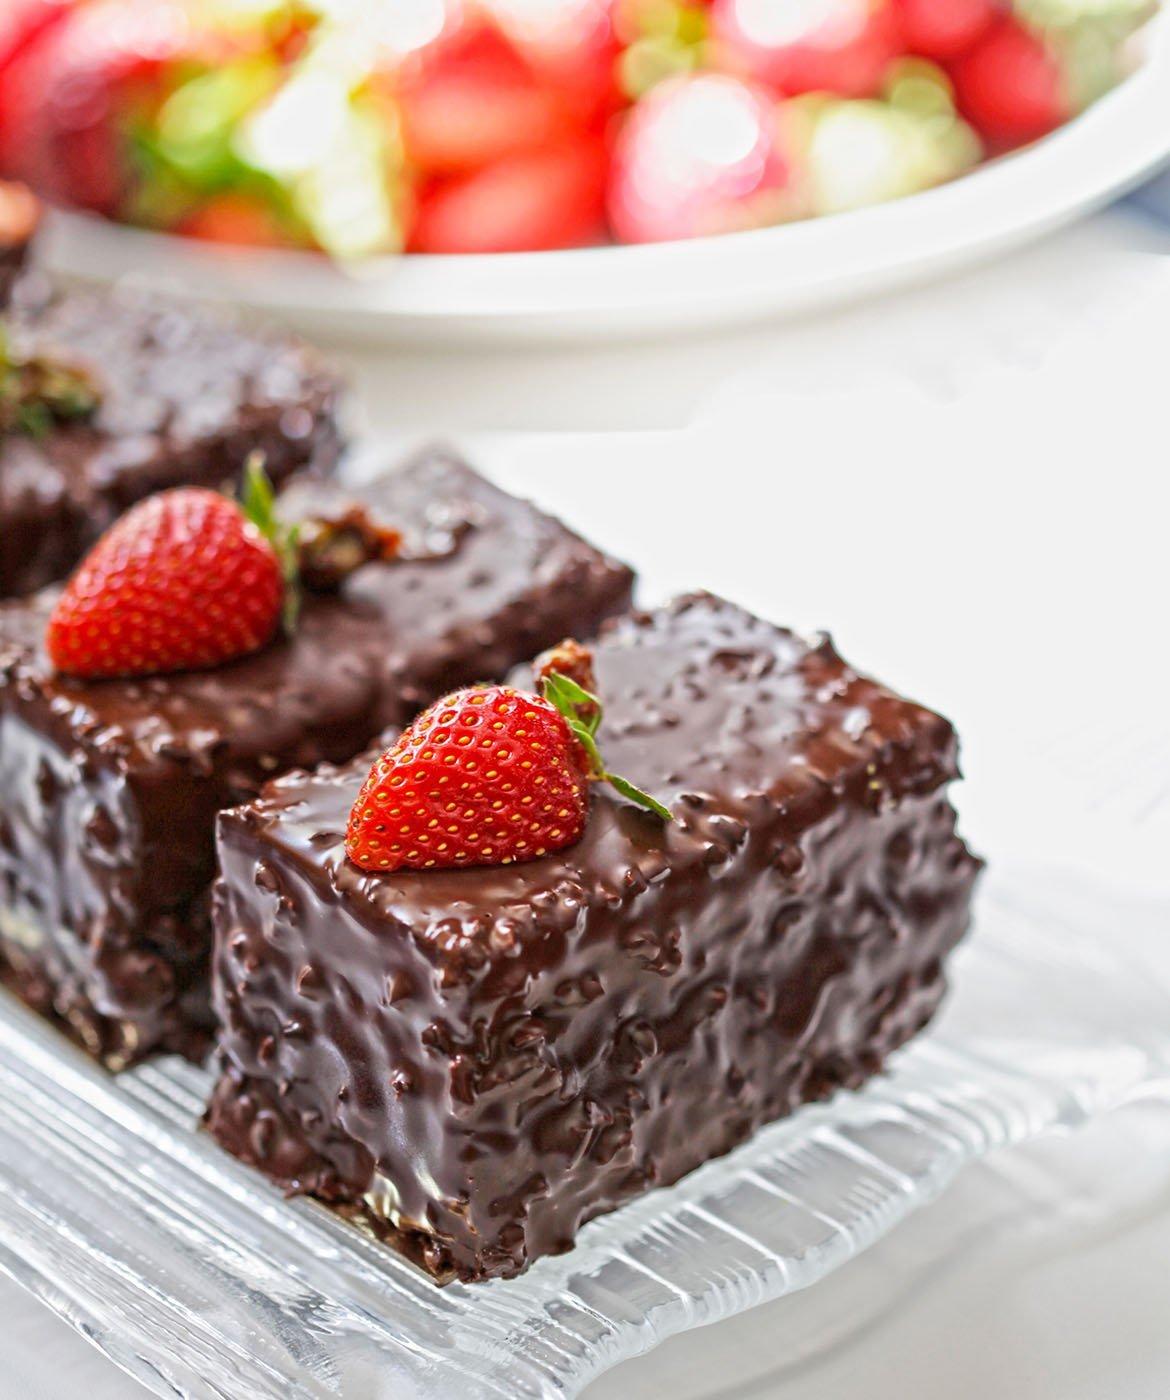 Torta al cioccolato con fragole abbinamento con brachetto